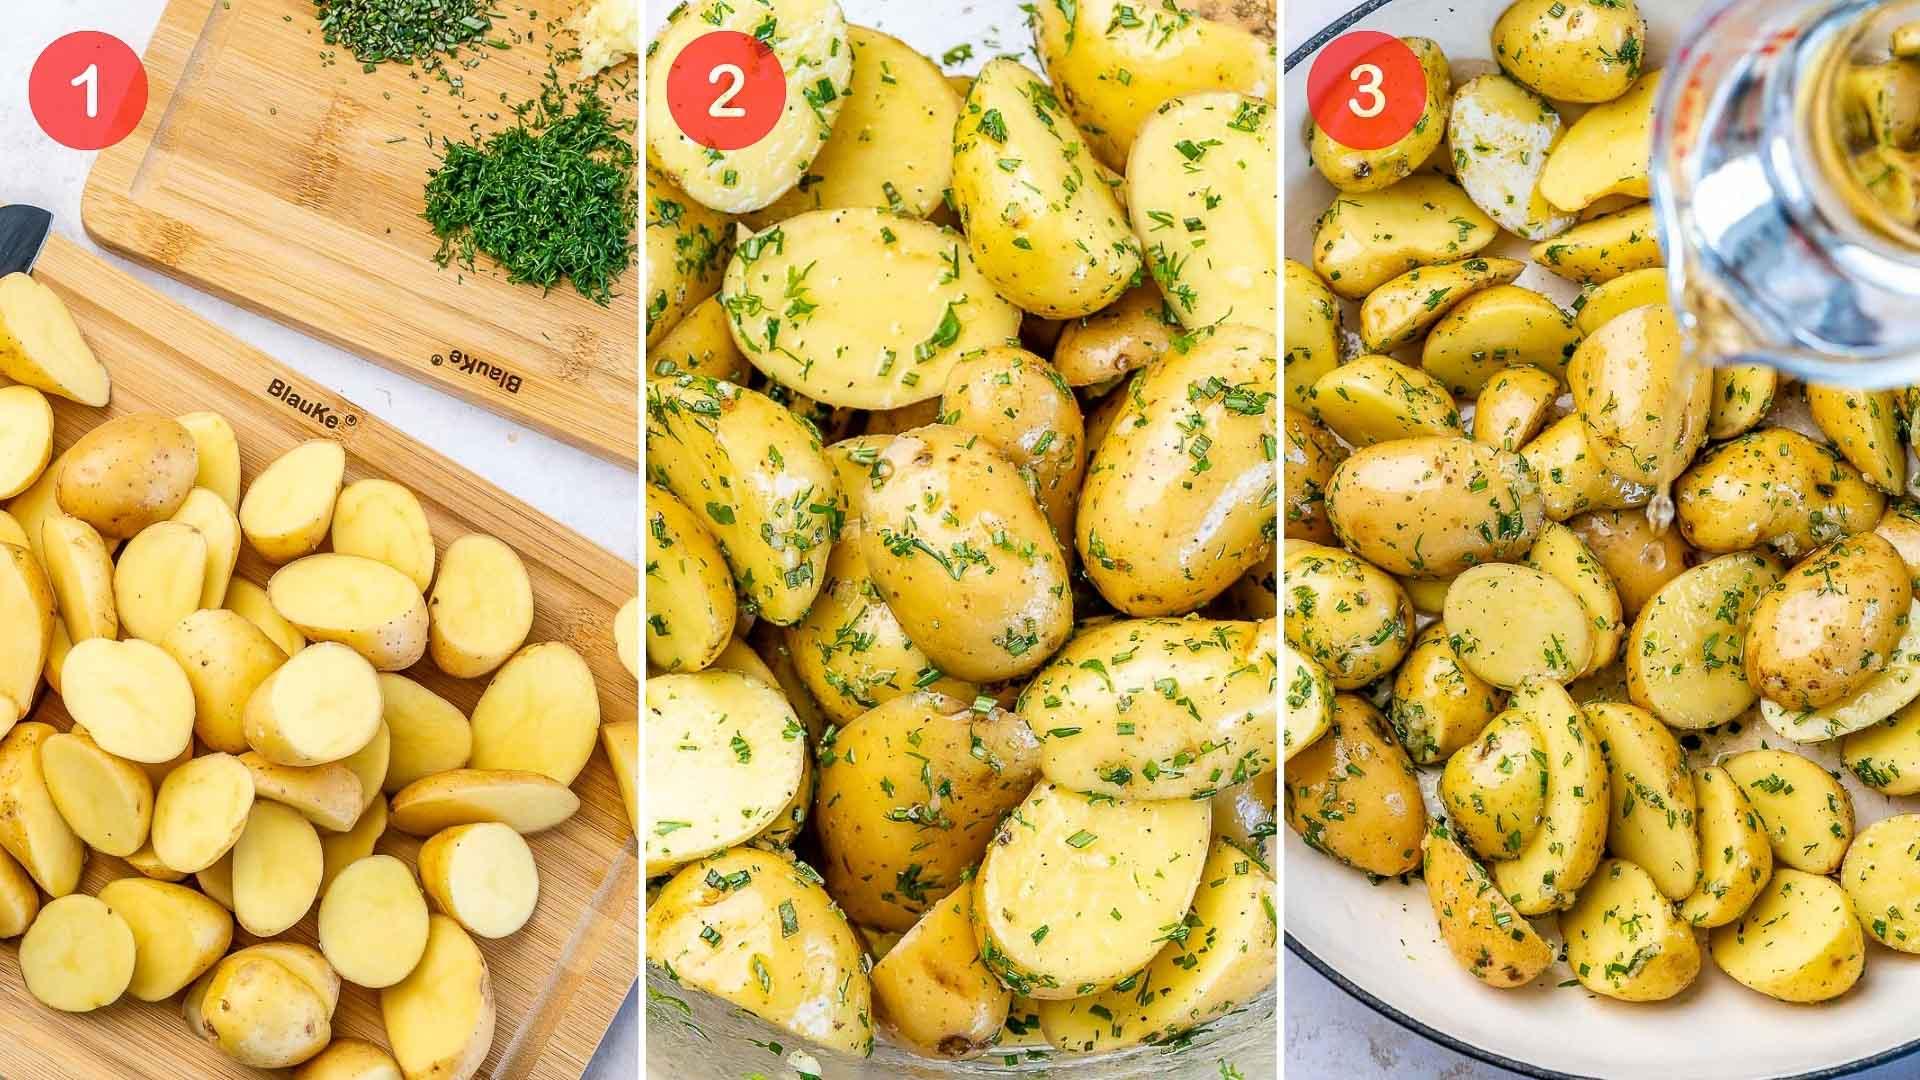 procesul de preparare a cartofilor noi, dupa ce au fost taiati si urmeaza sa fie gatiti